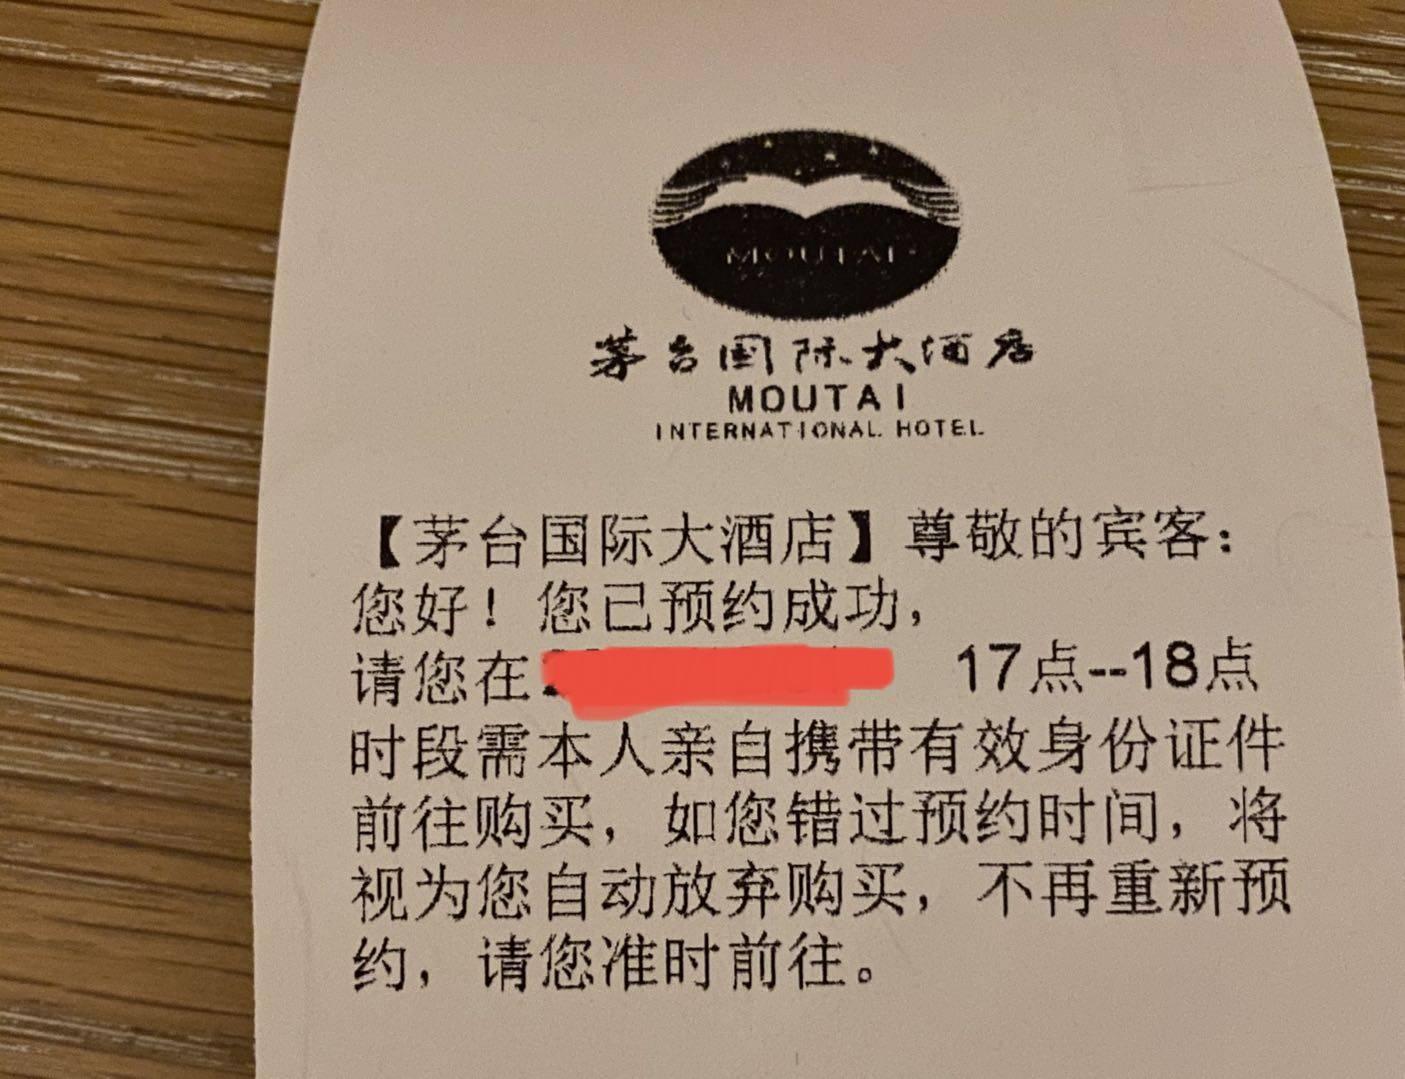 恒宏首页茅台国际大酒店调整规则:住客不再享有1499元买飞天茅台资格 (图2)